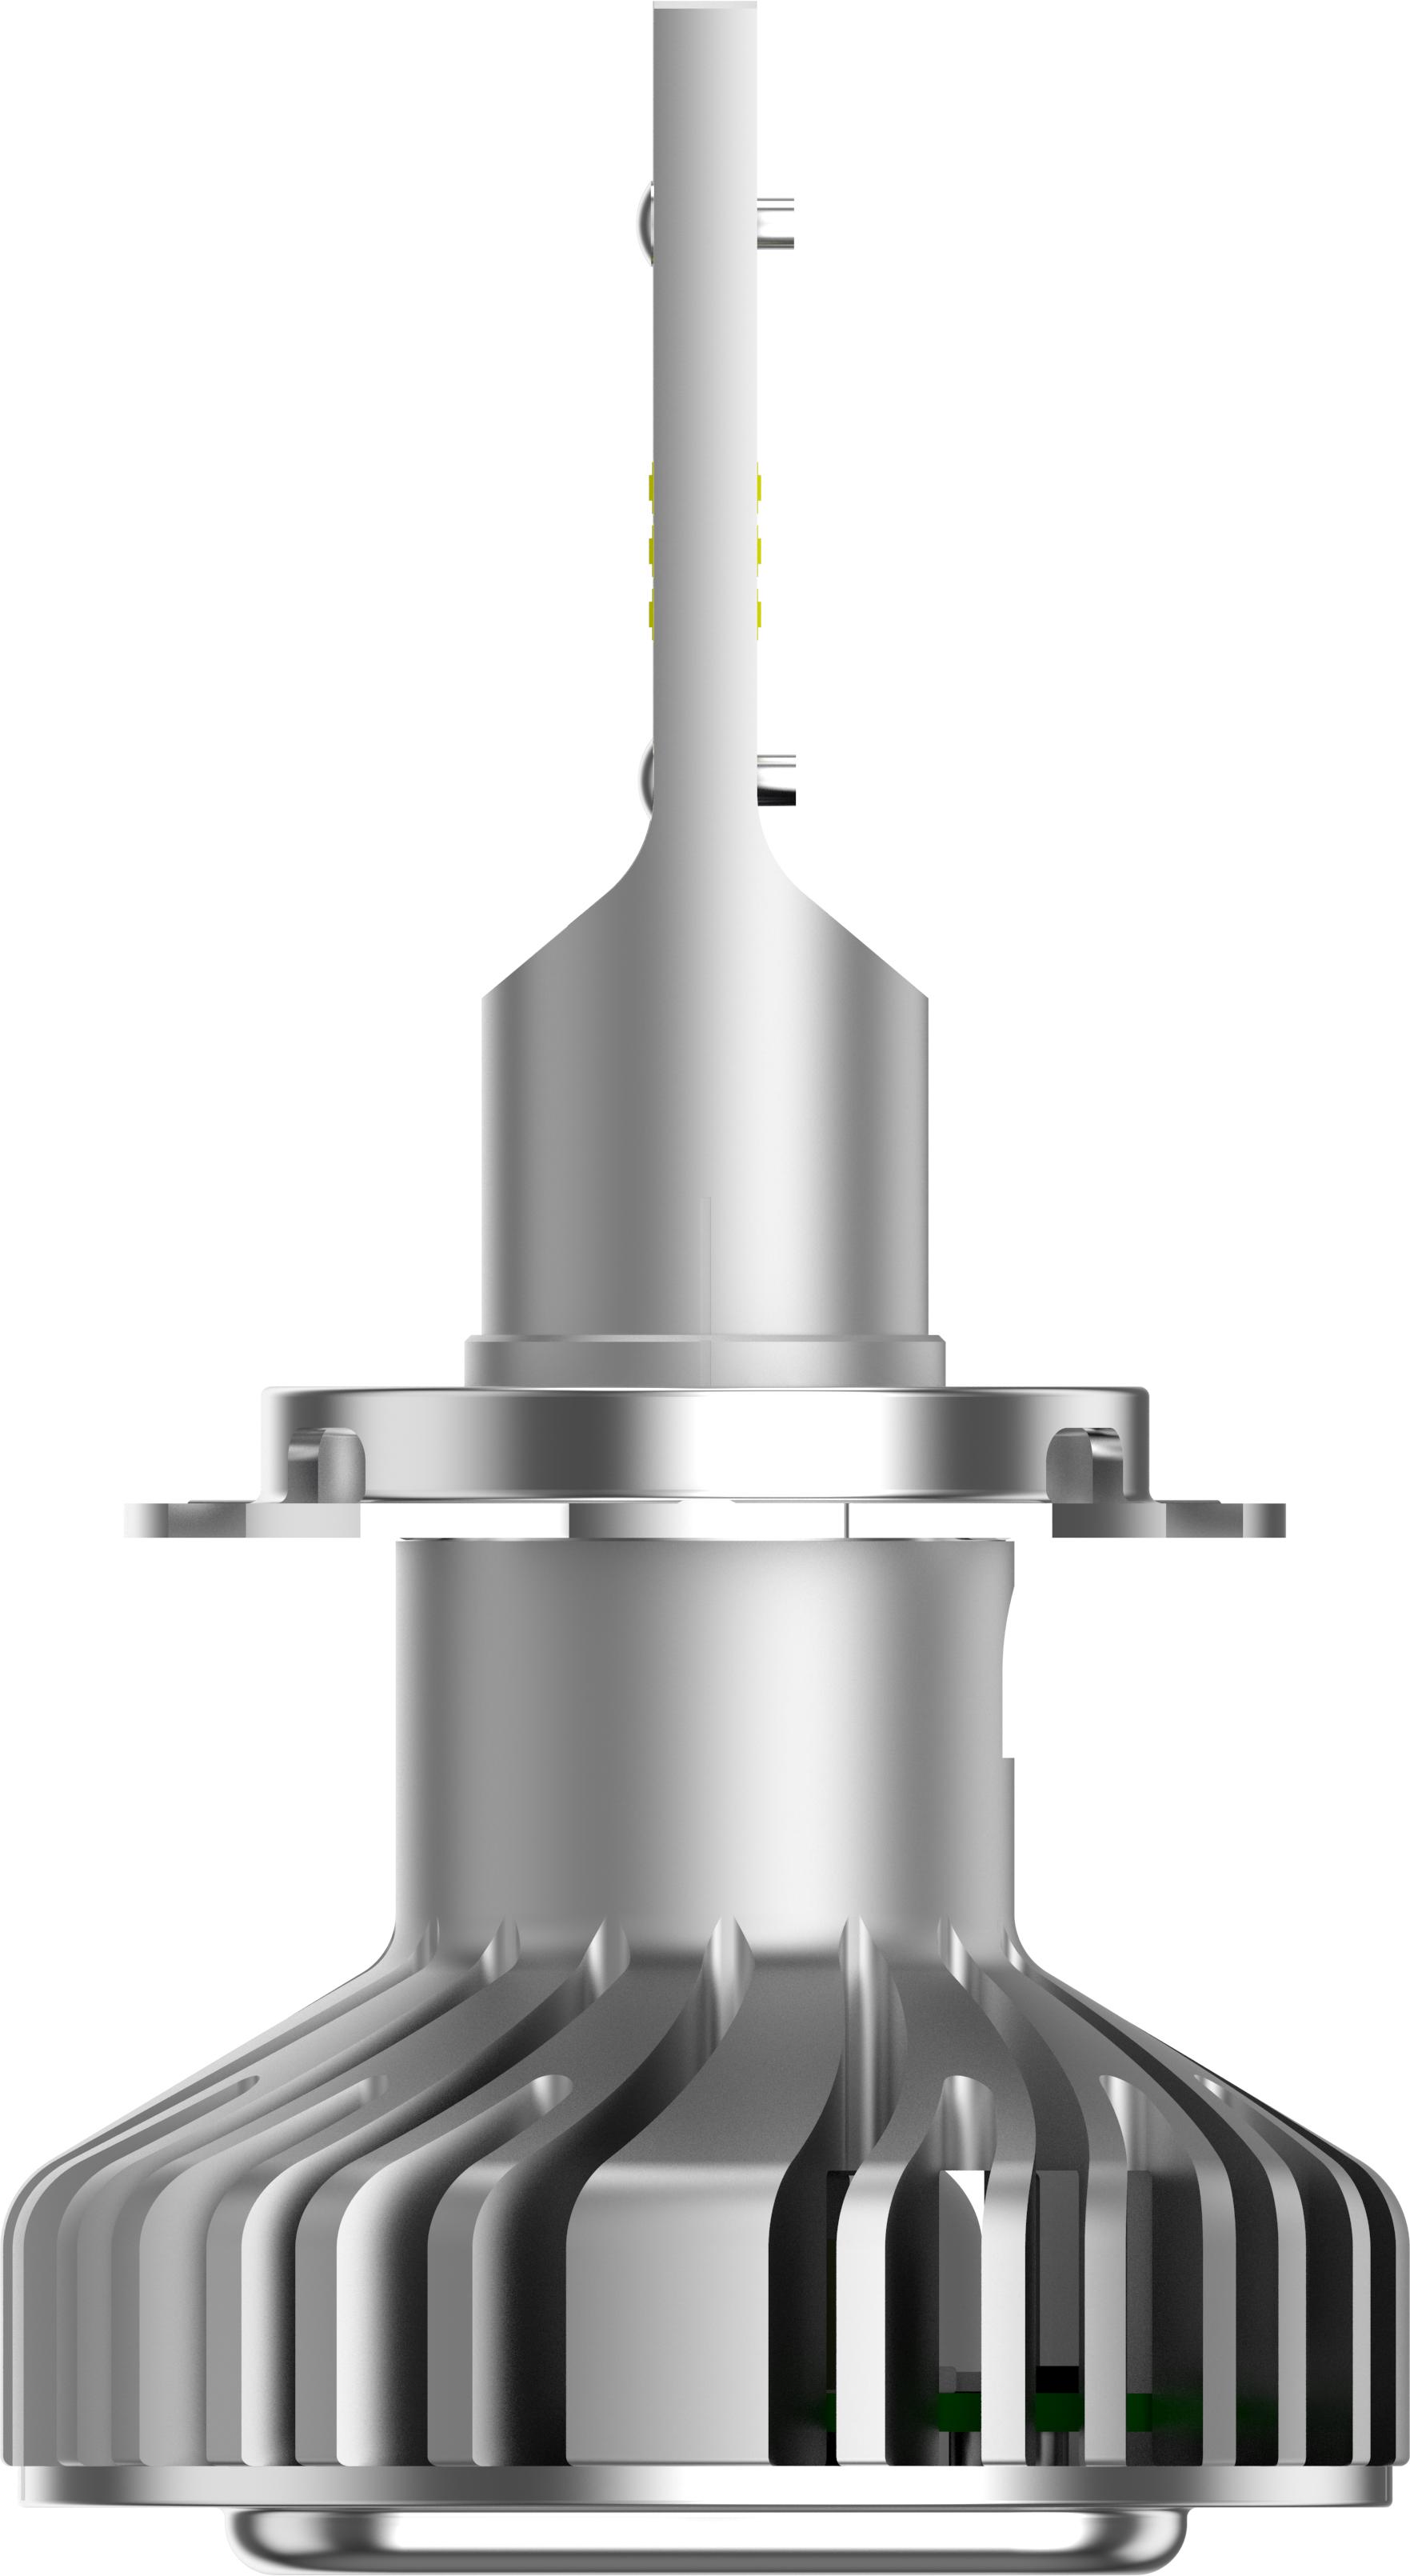 Prestazioni superiori con le nuove lampade led philips for Nuove lampade a led